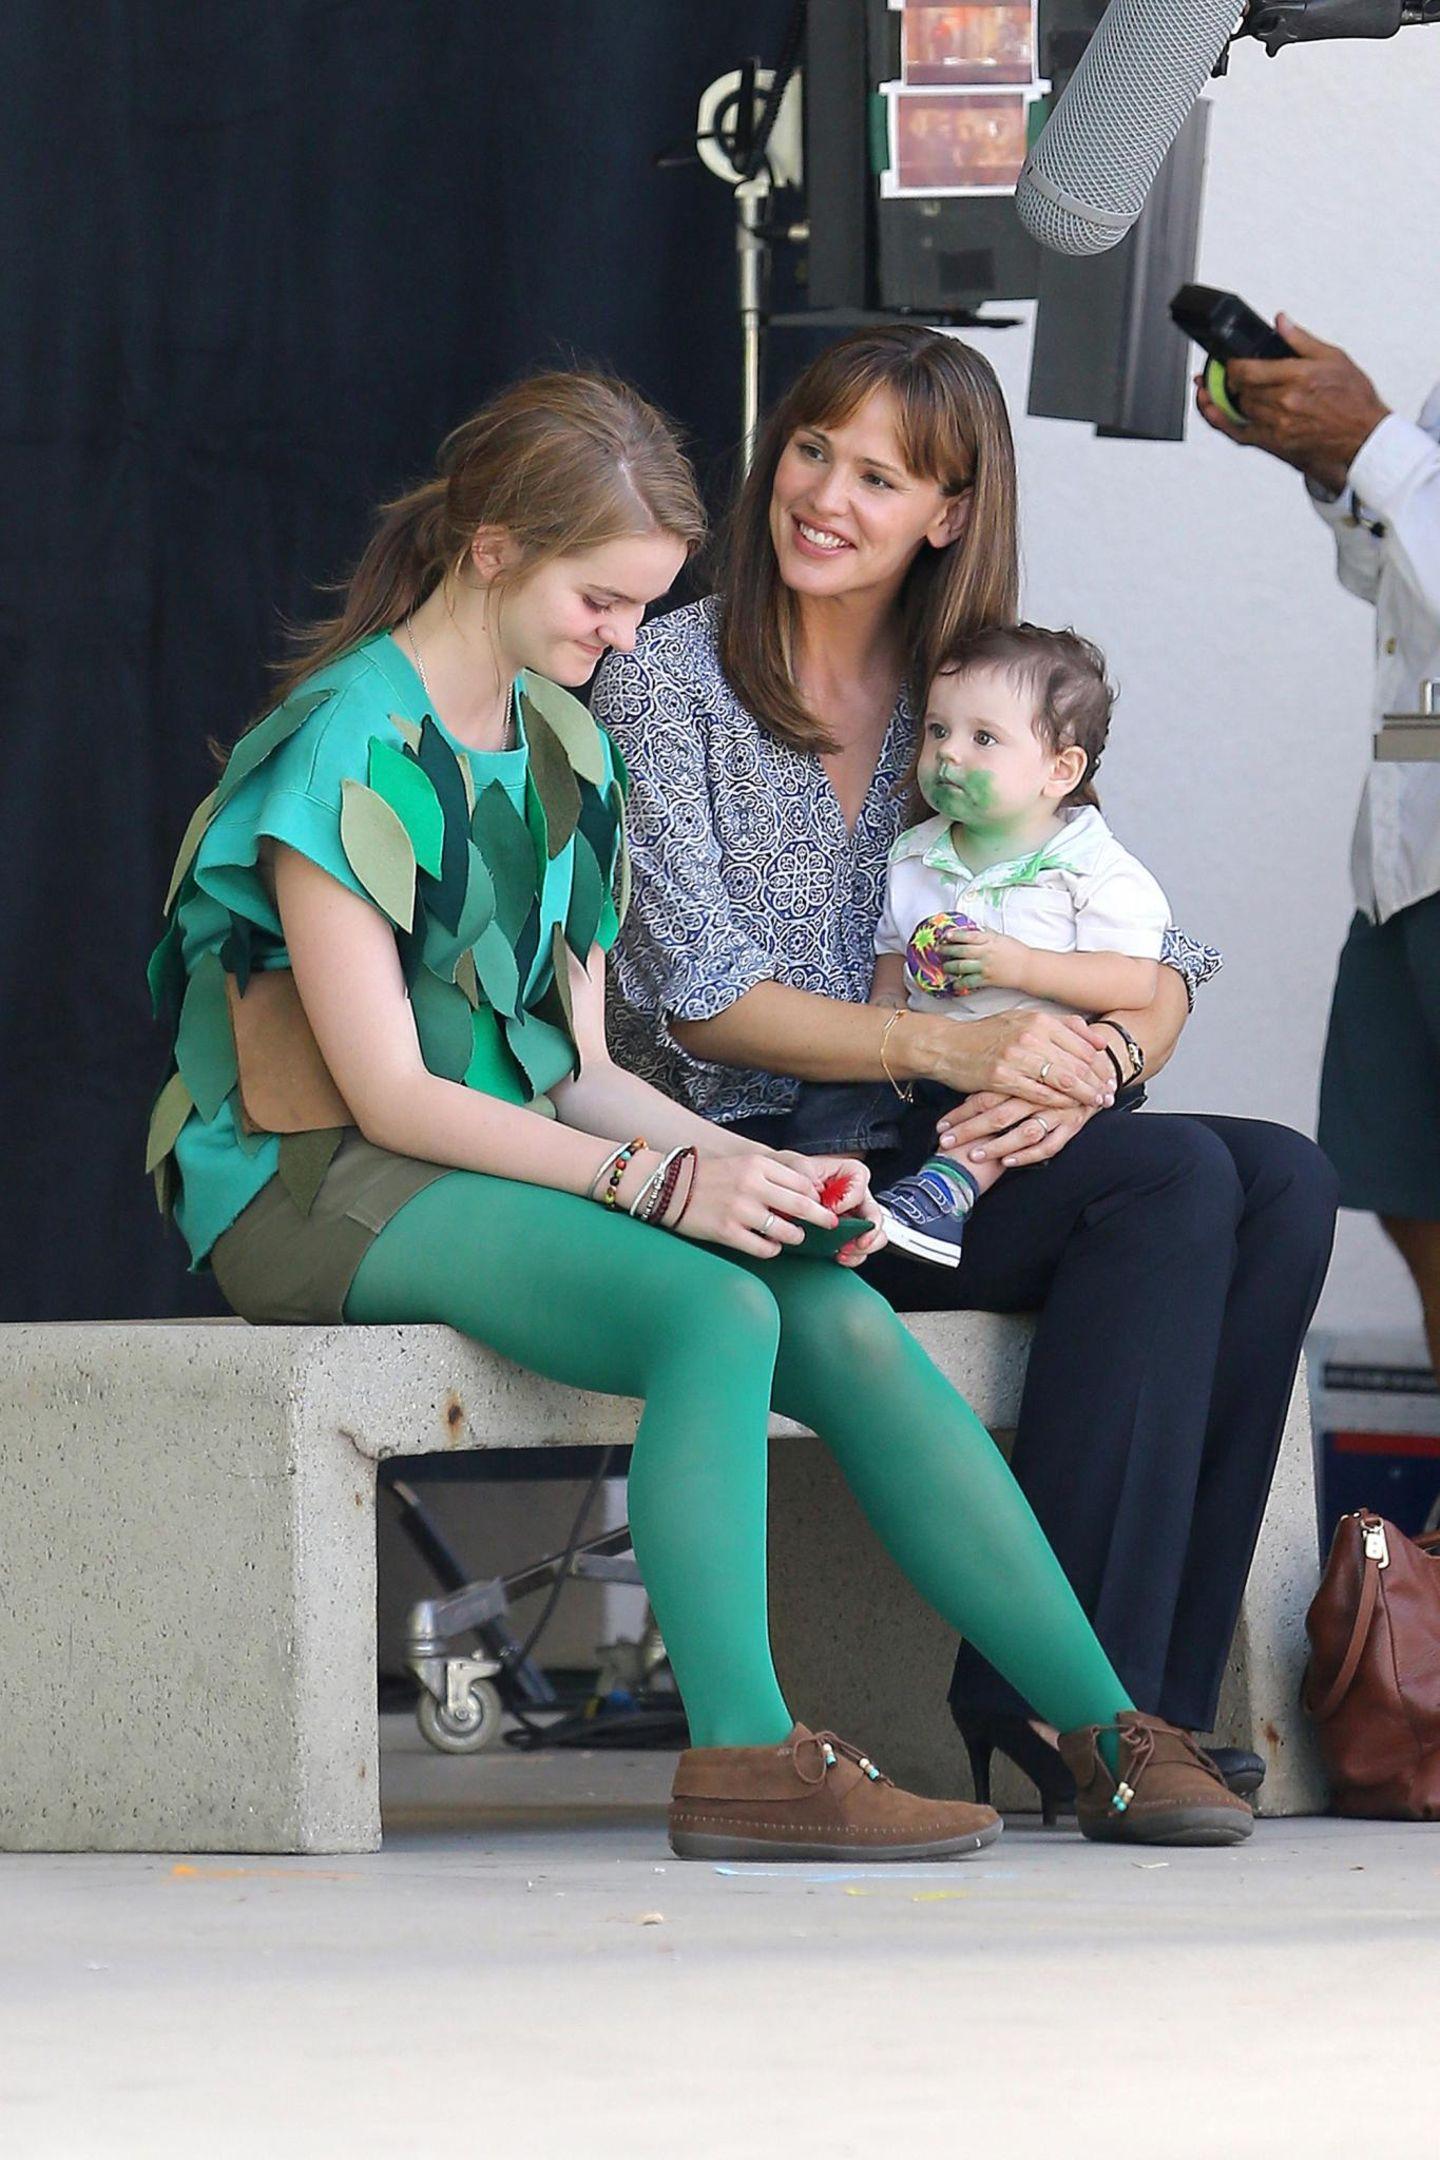 """20. August 2013: Jennifer Garner dreht mit ihren Filmkindern eine Szene des Films """"Alexander and the Terrible, Horrible, No Good, Very Bad Day""""."""